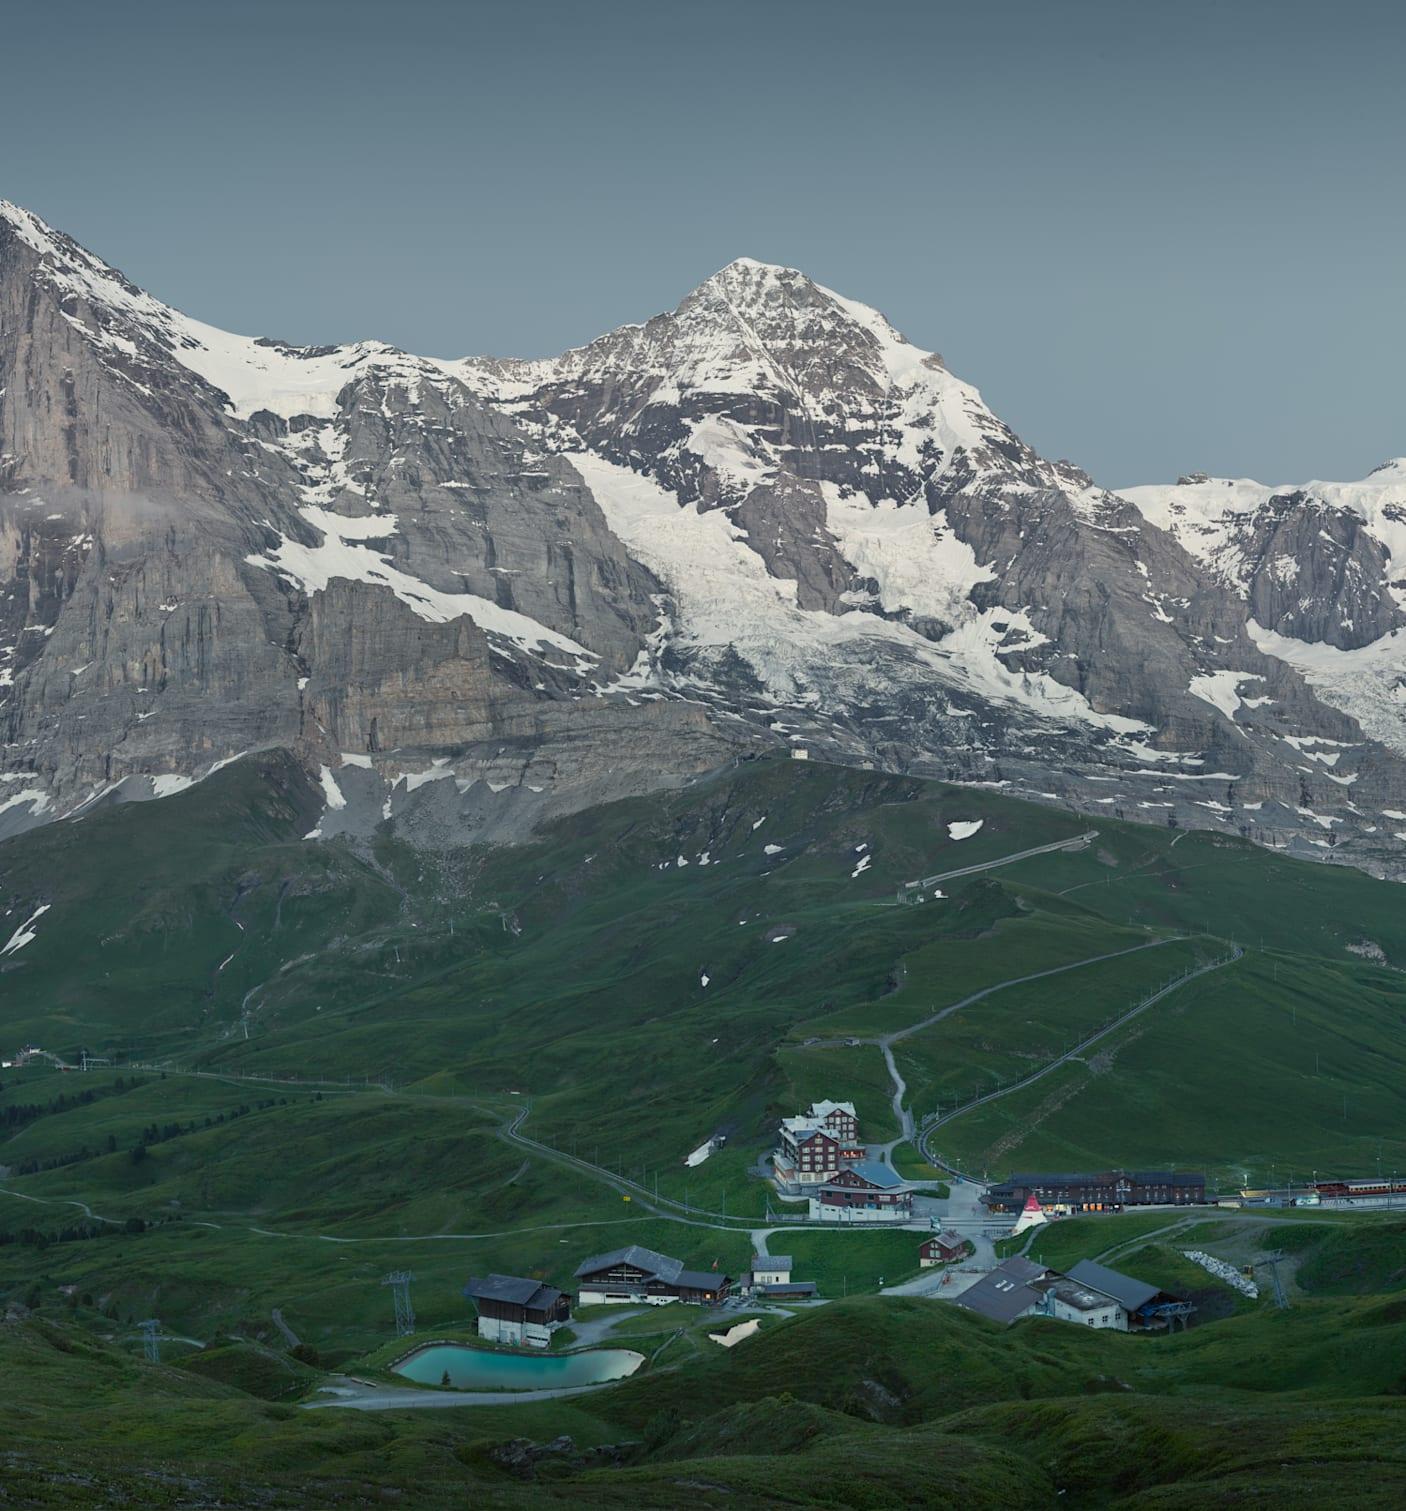 Kleine Scheidegg Sommer Eiger Moench Jungfrau